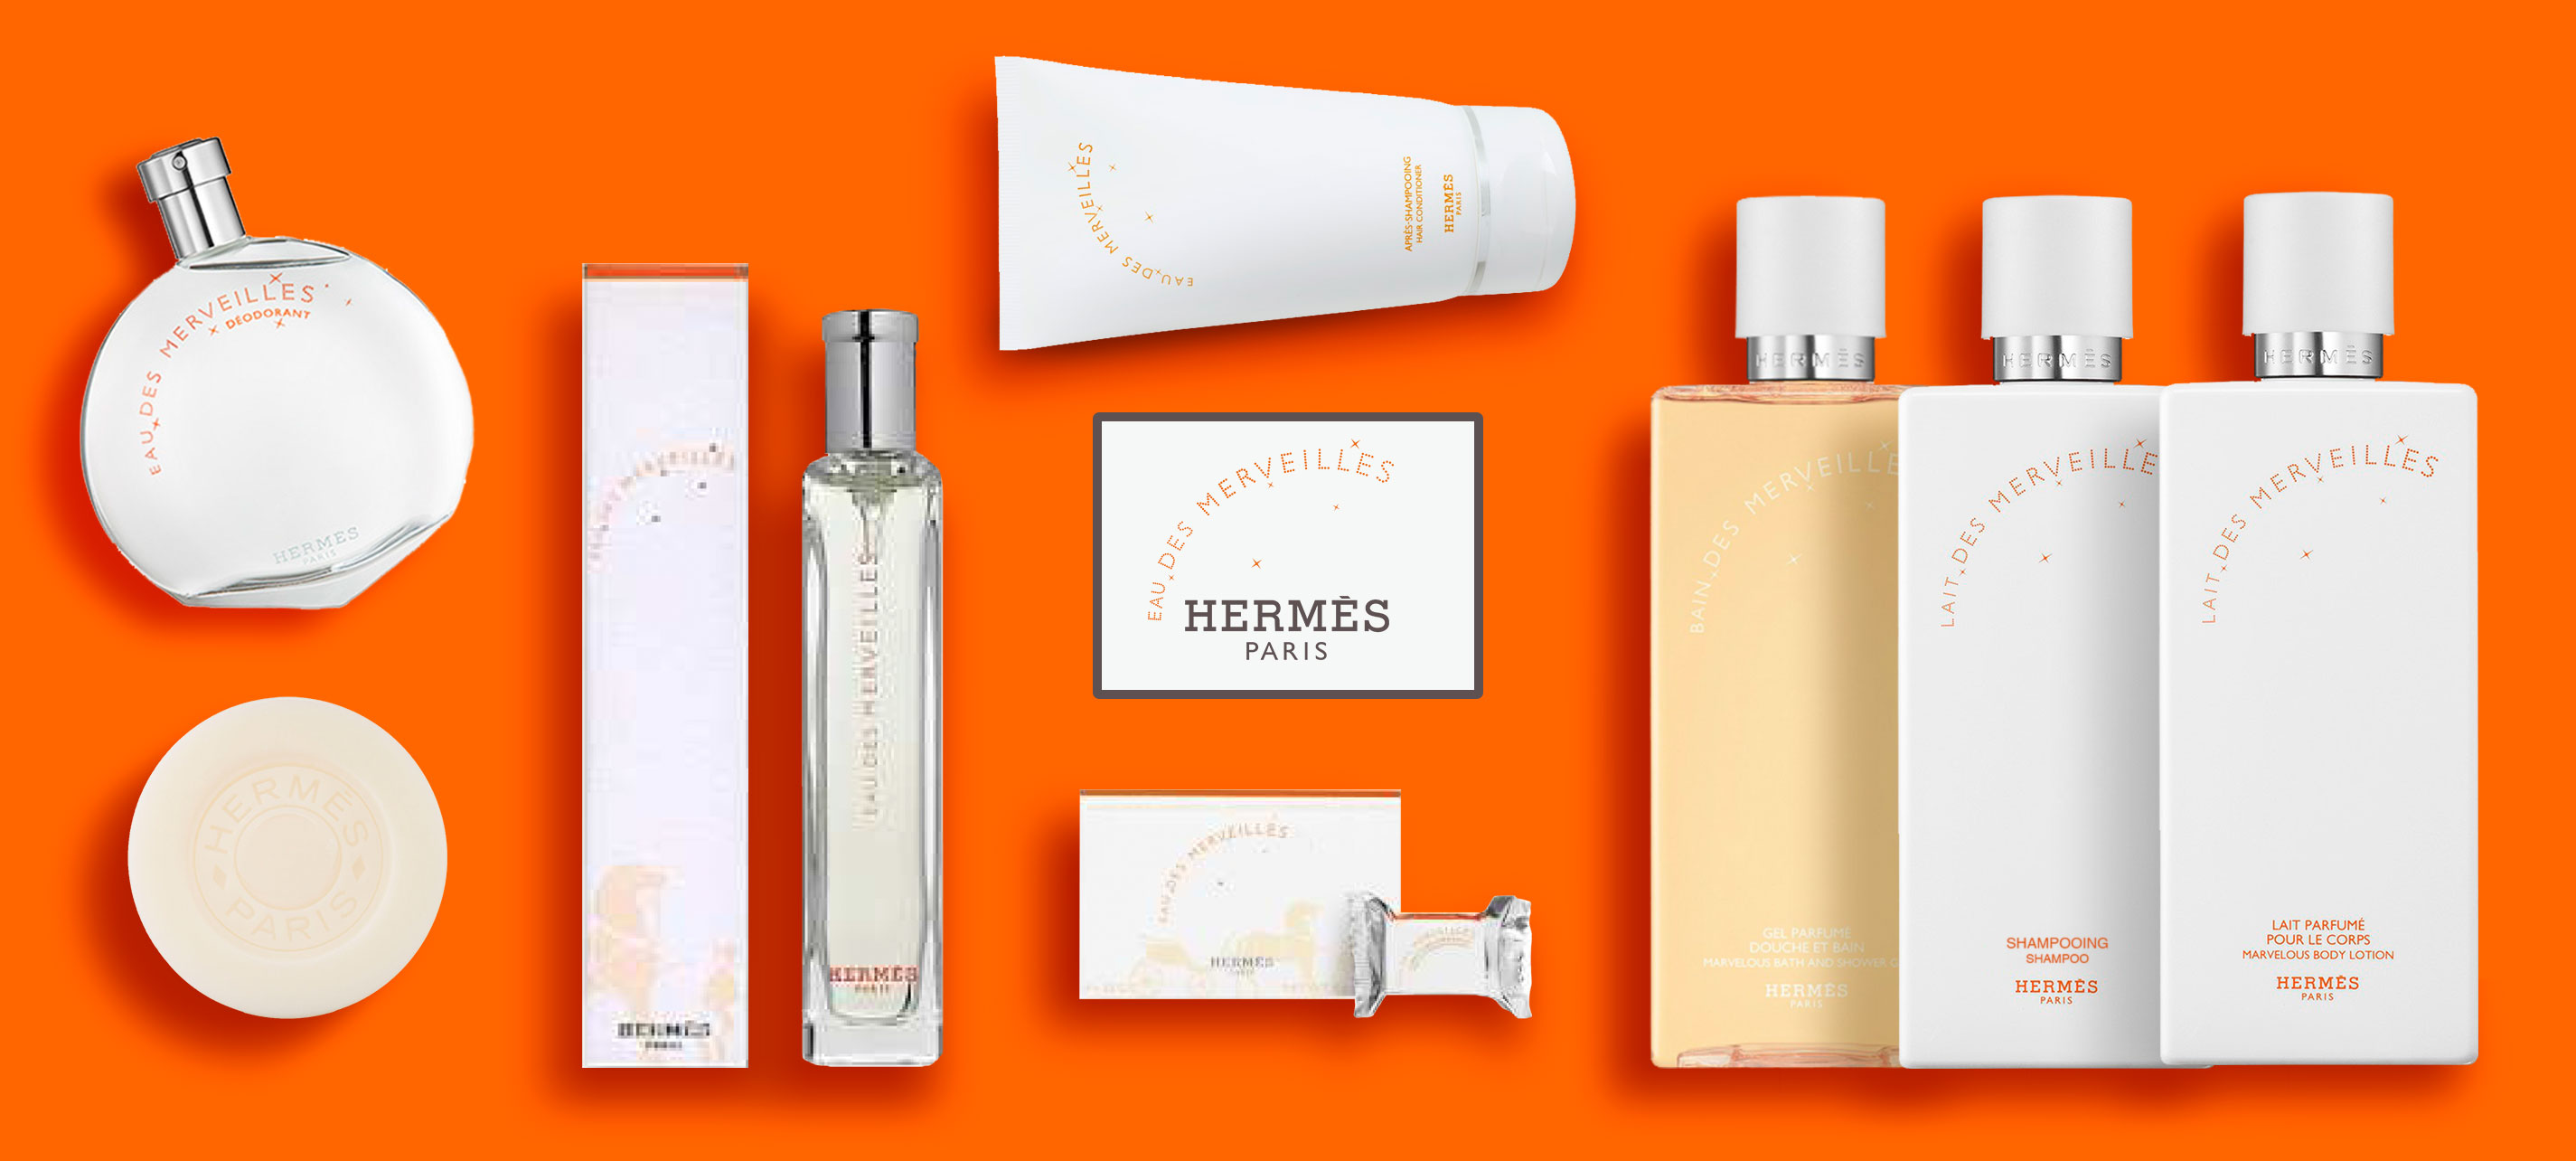 Hermès - Eau des merveilles - Collection